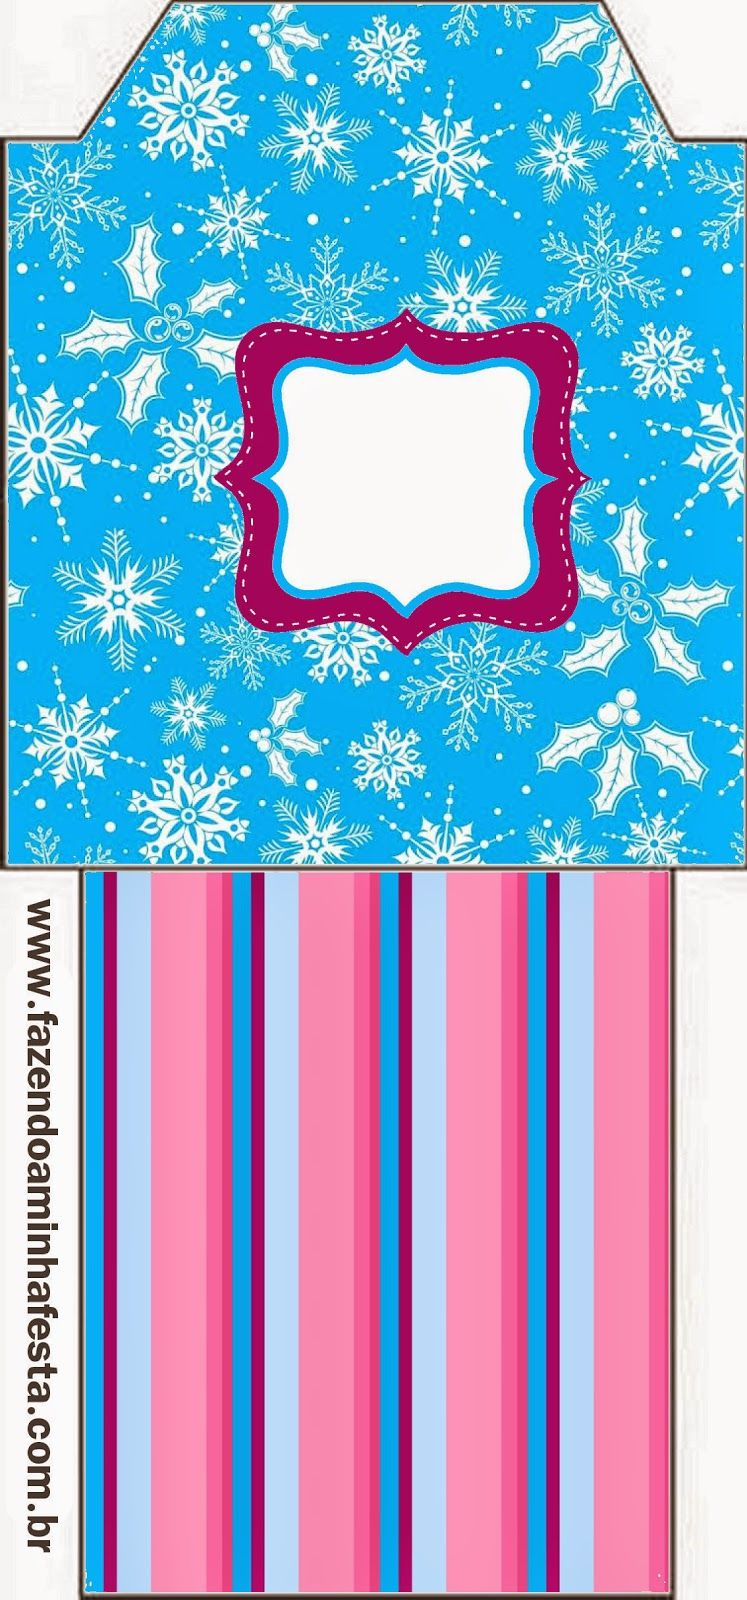 Frozen en Morado y Celeste para Navidad: Imprimibles Gratis para ...